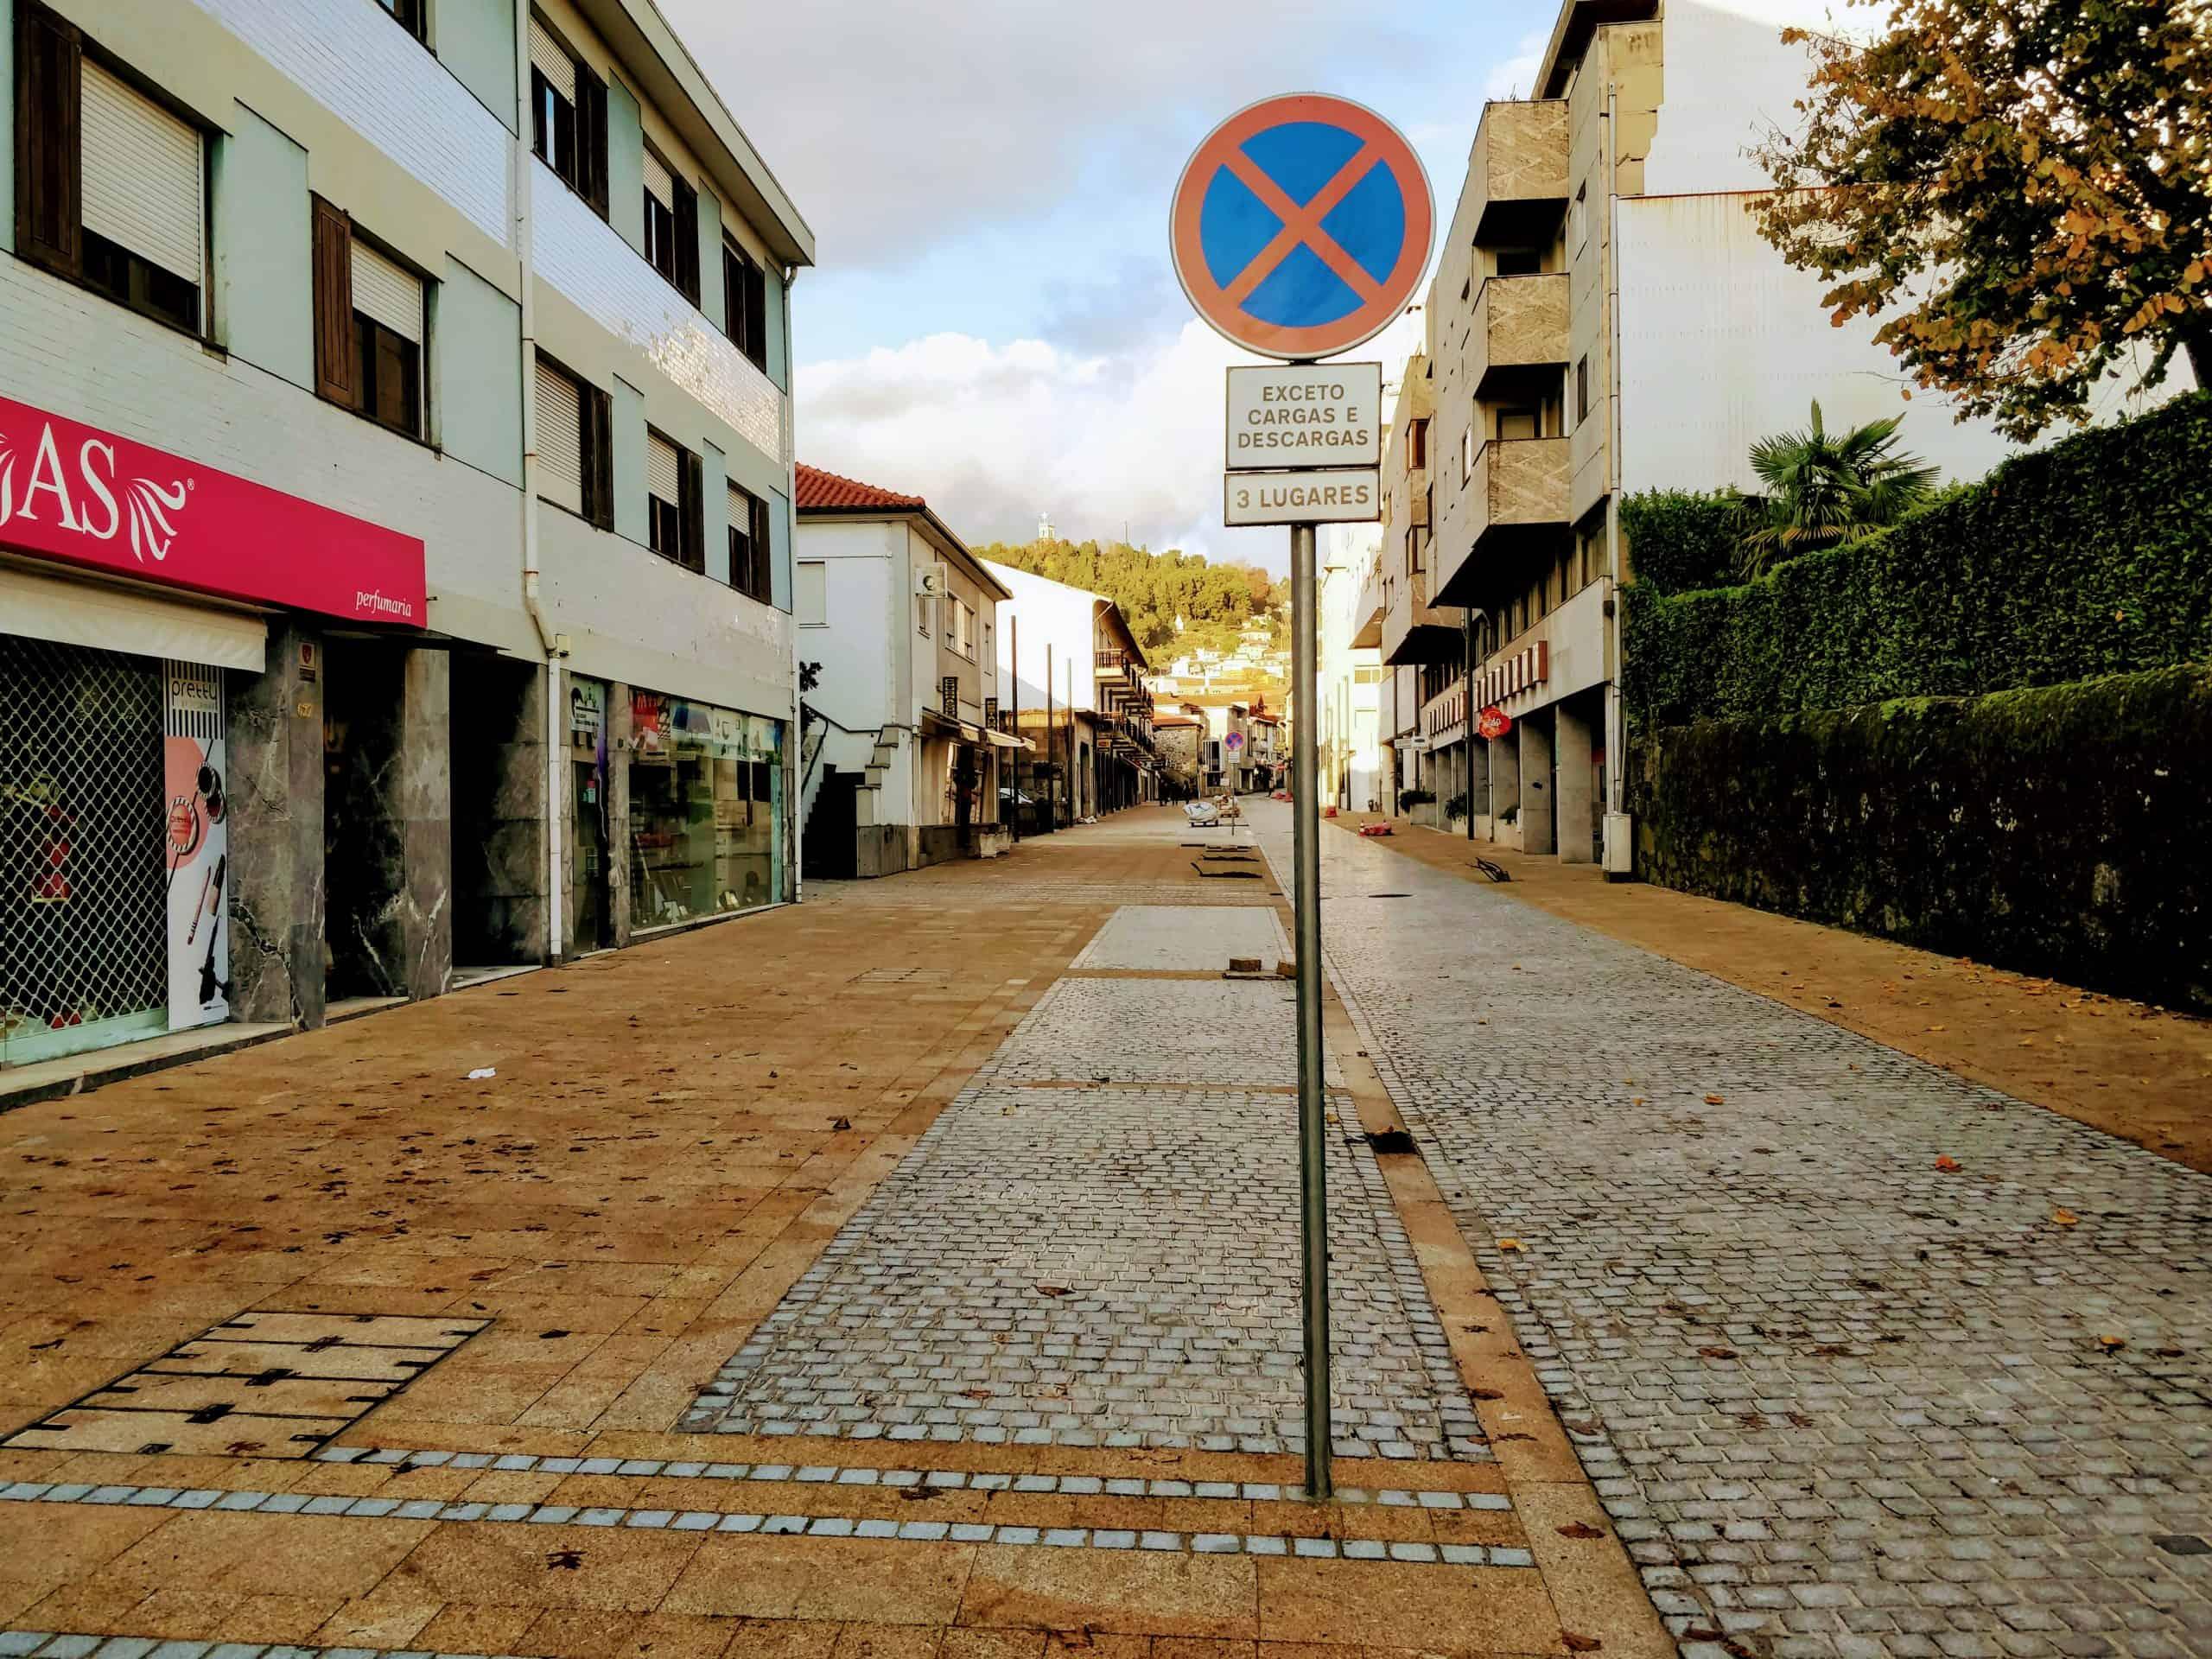 Obras-na-rua-Rebelo-de-Carvalho-7-scaled